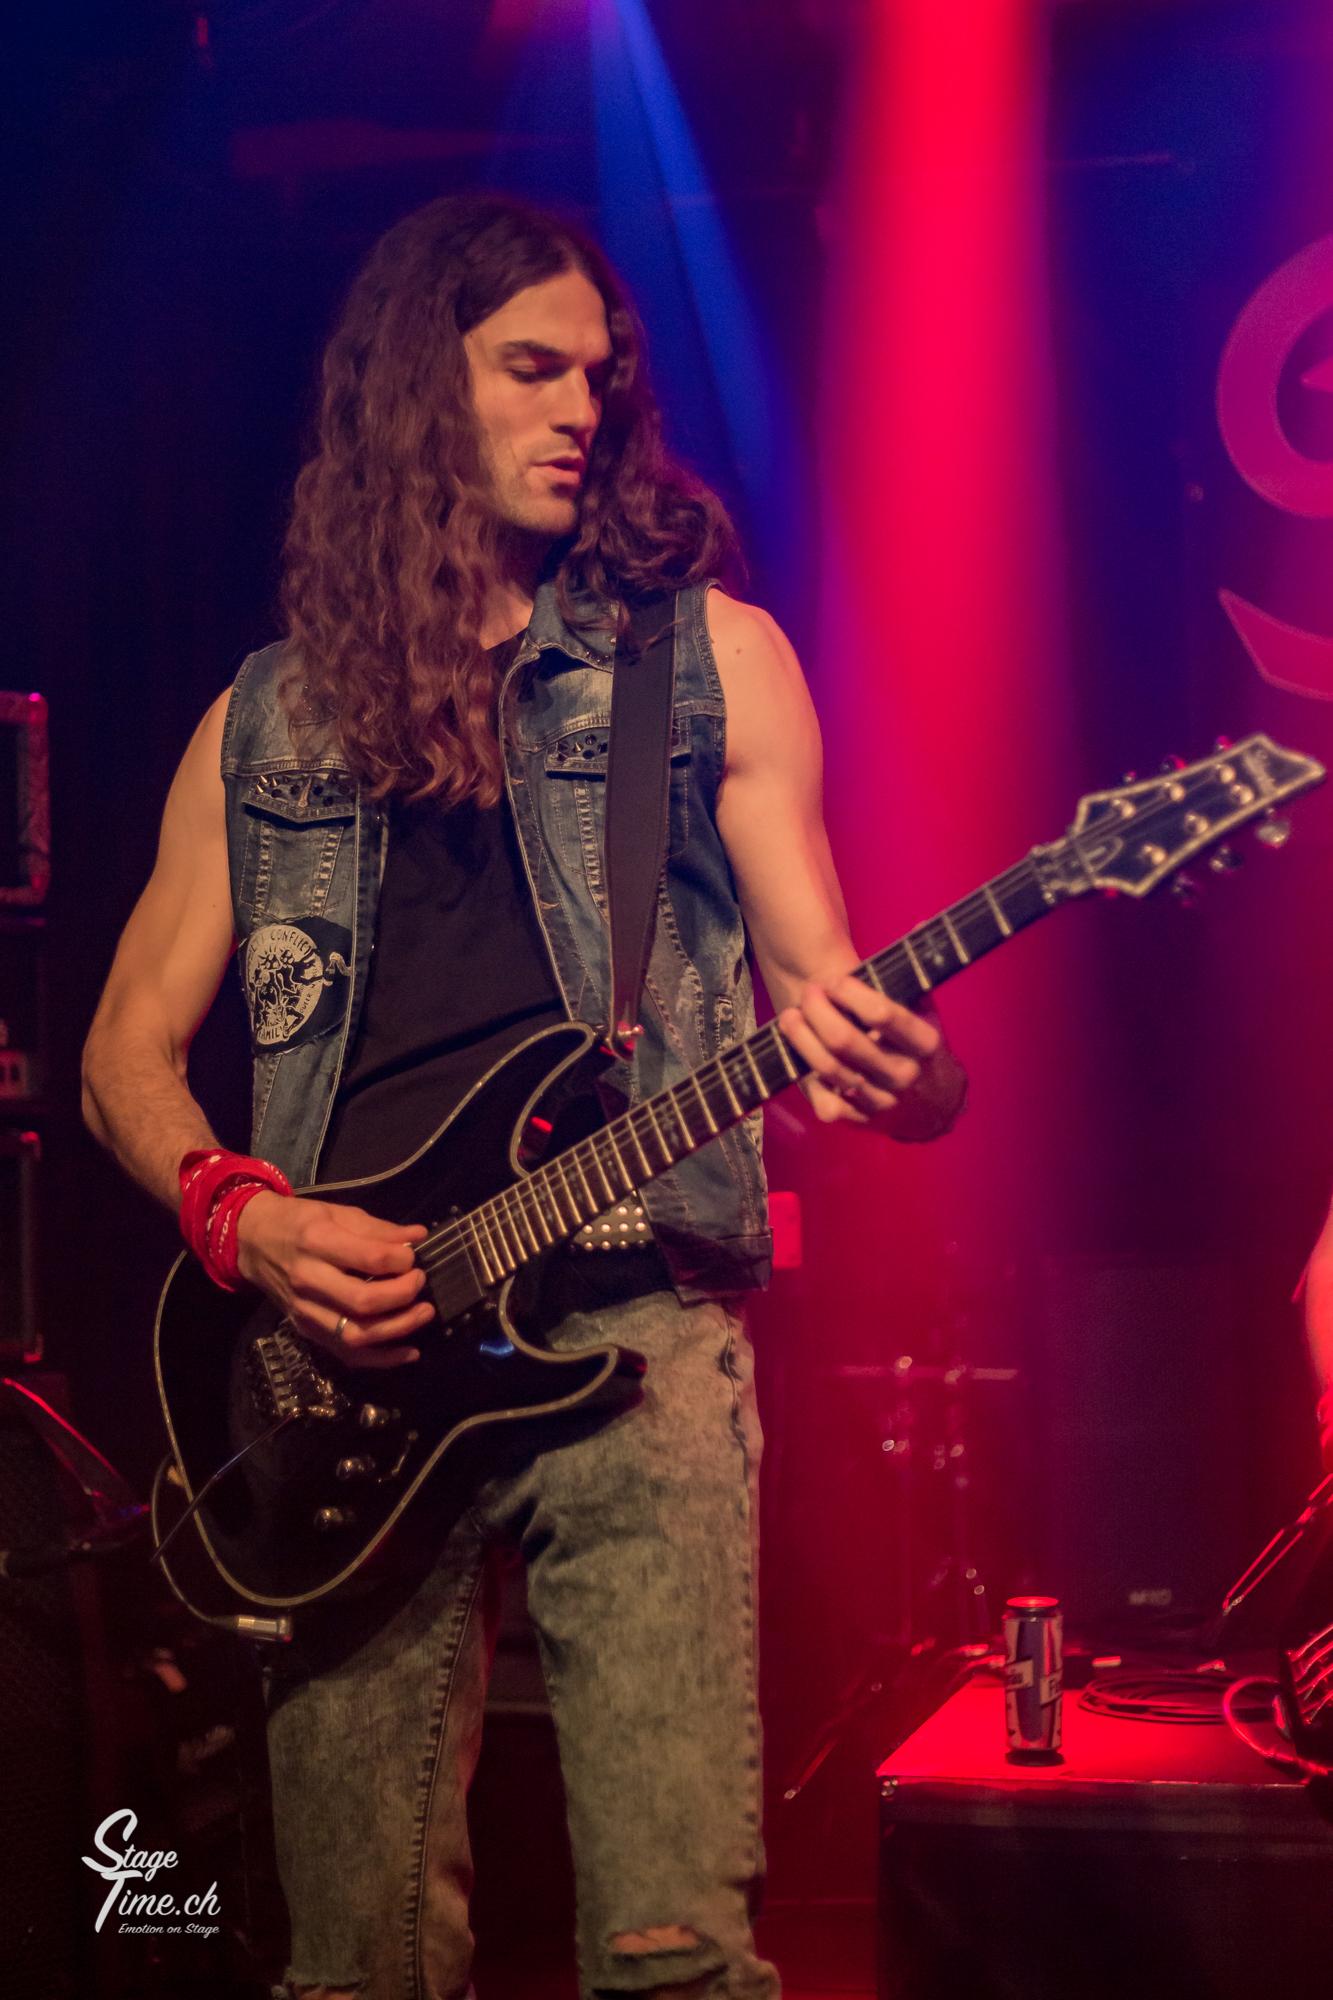 Dizzy_Fox___1st_Swiss_Glam_Rock_Fest-7